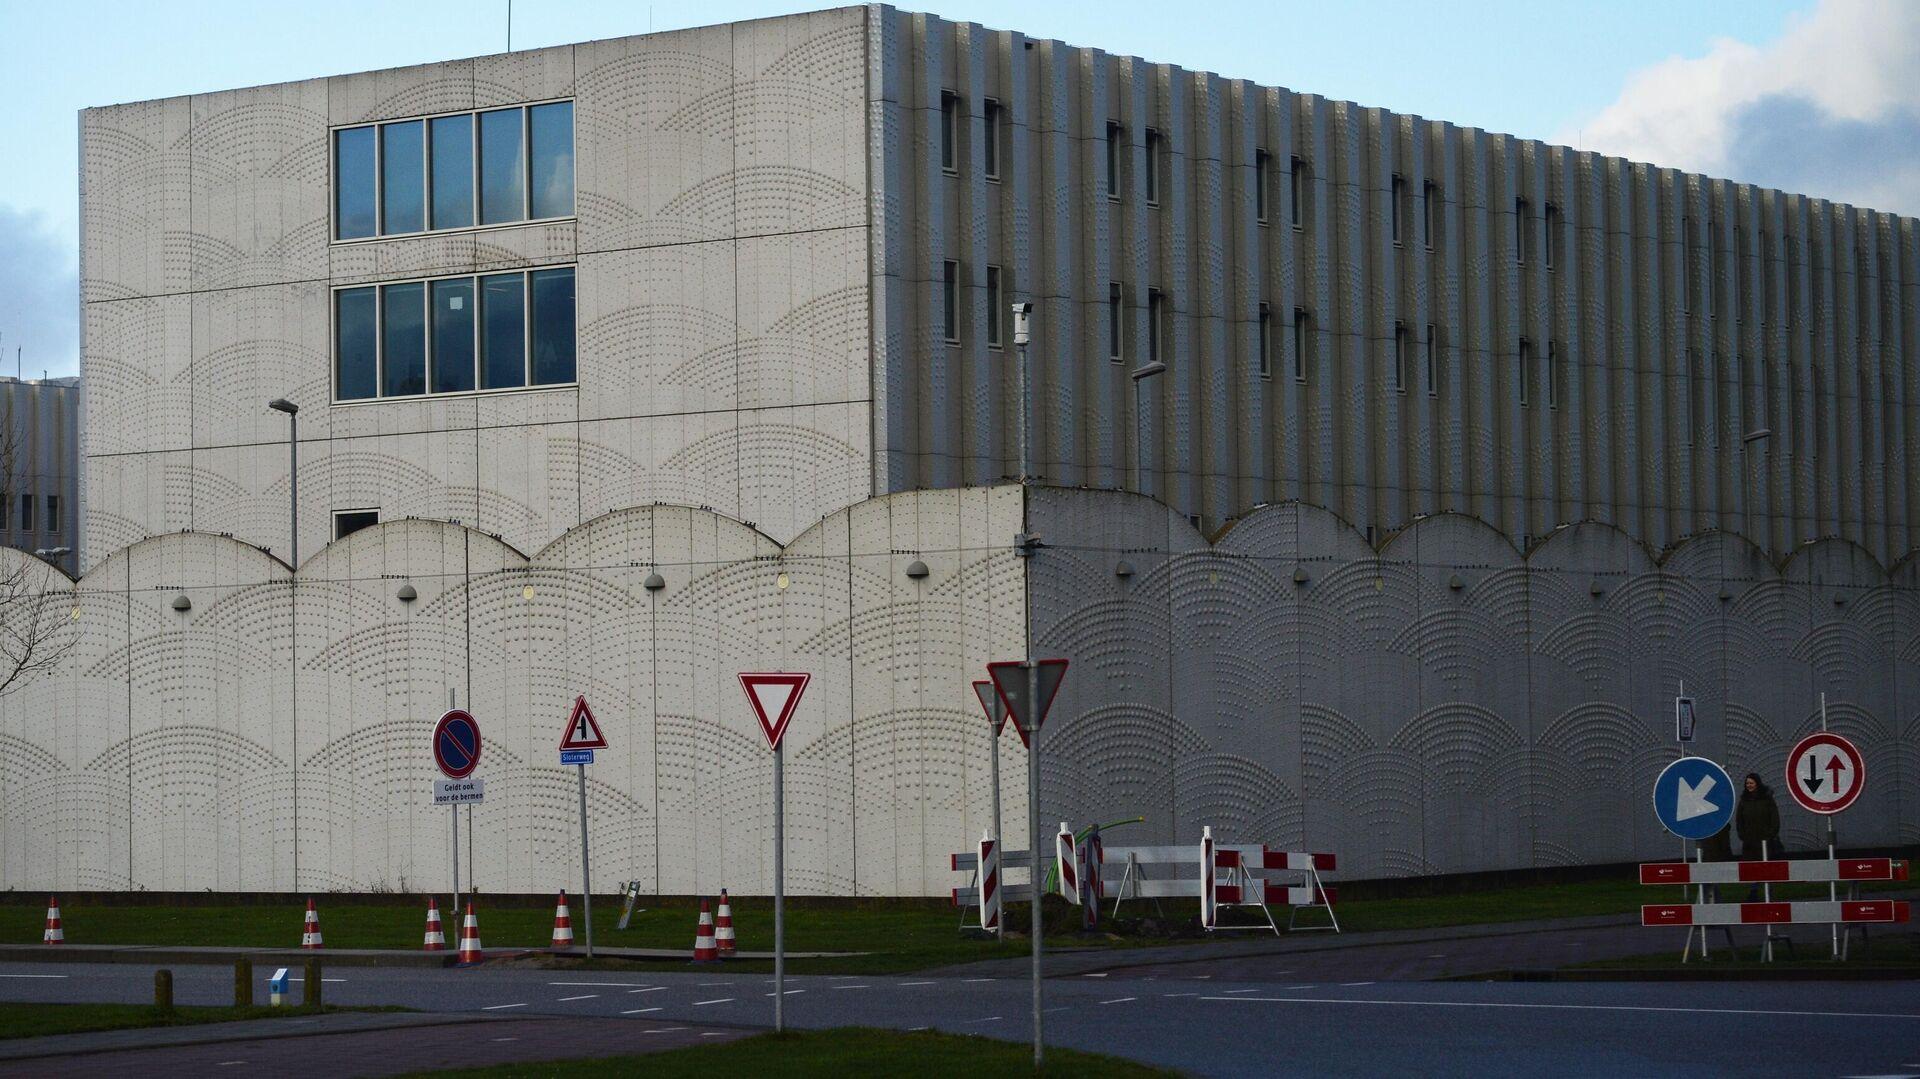 Здание Justice Complex Schiphol в нидерландском Бадхоеведорпе, где состоится суд по делу о крушении самолета Boeing 777 рейса MH17 - РИА Новости, 1920, 01.02.2021